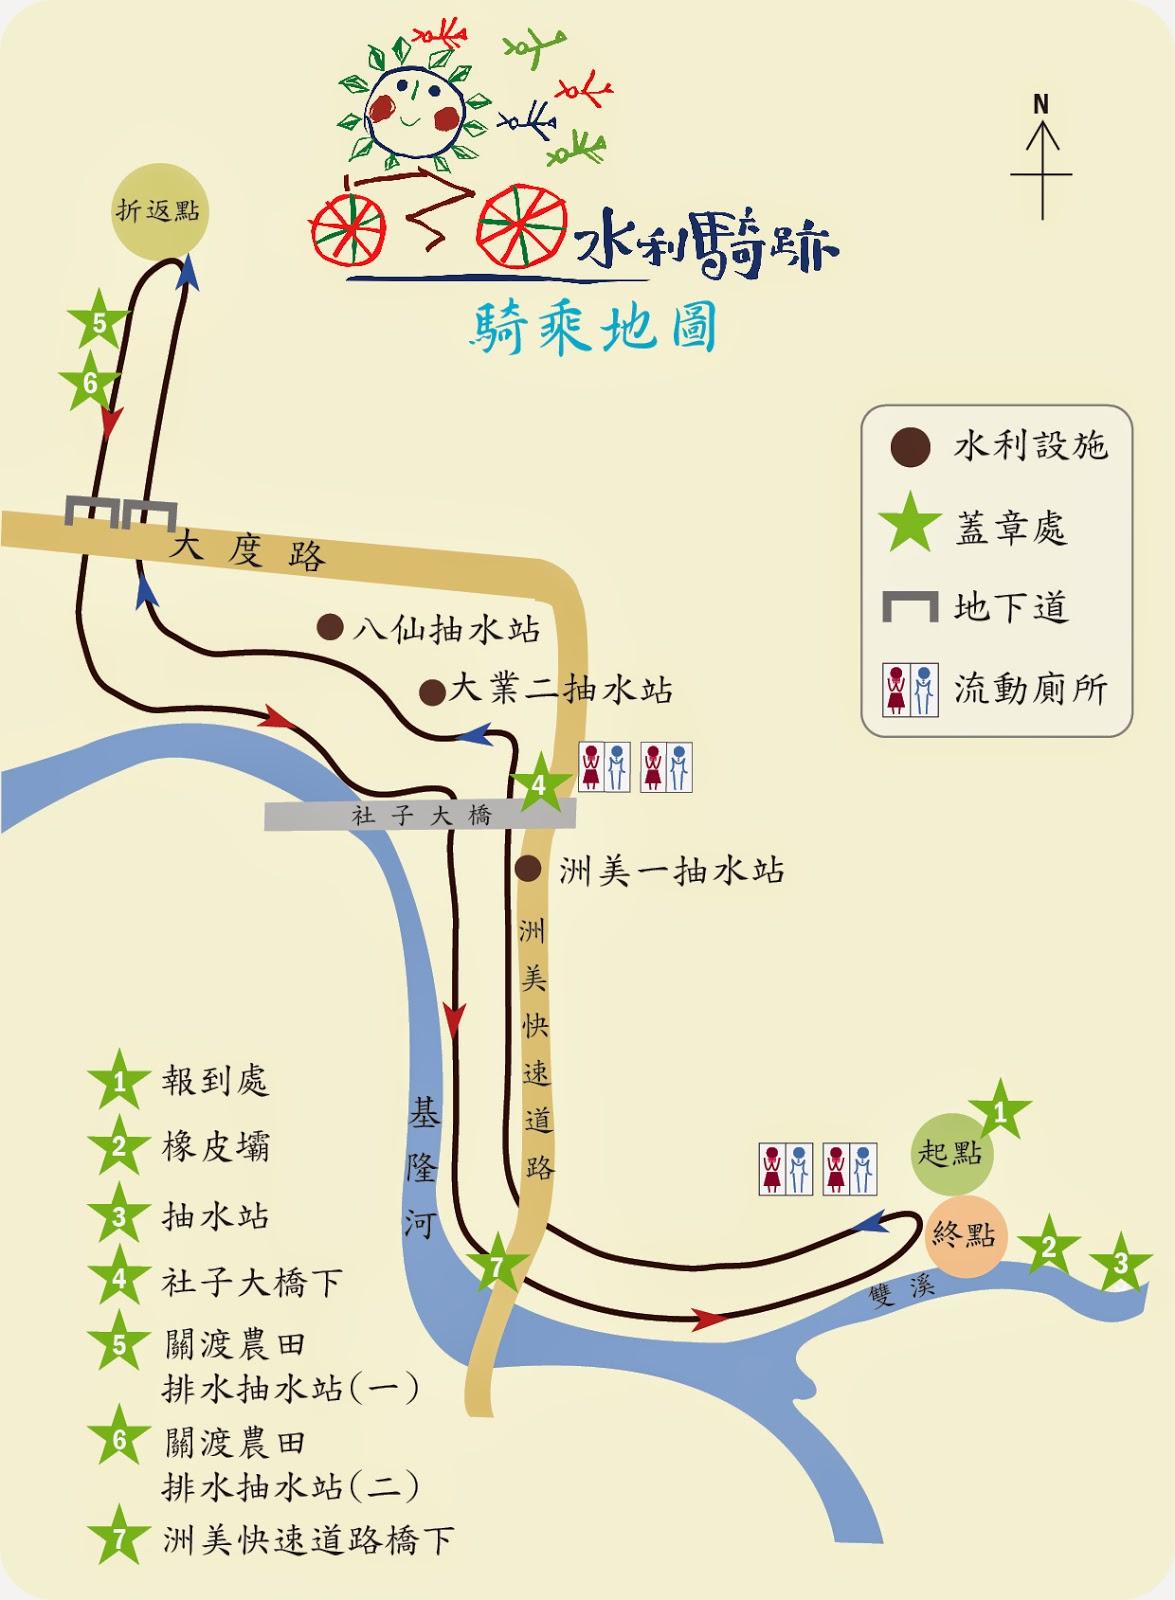 水利騎跡--鐵馬闖關護水利 生態家園得永續─臺北市七星生態保育基金會─公益市集